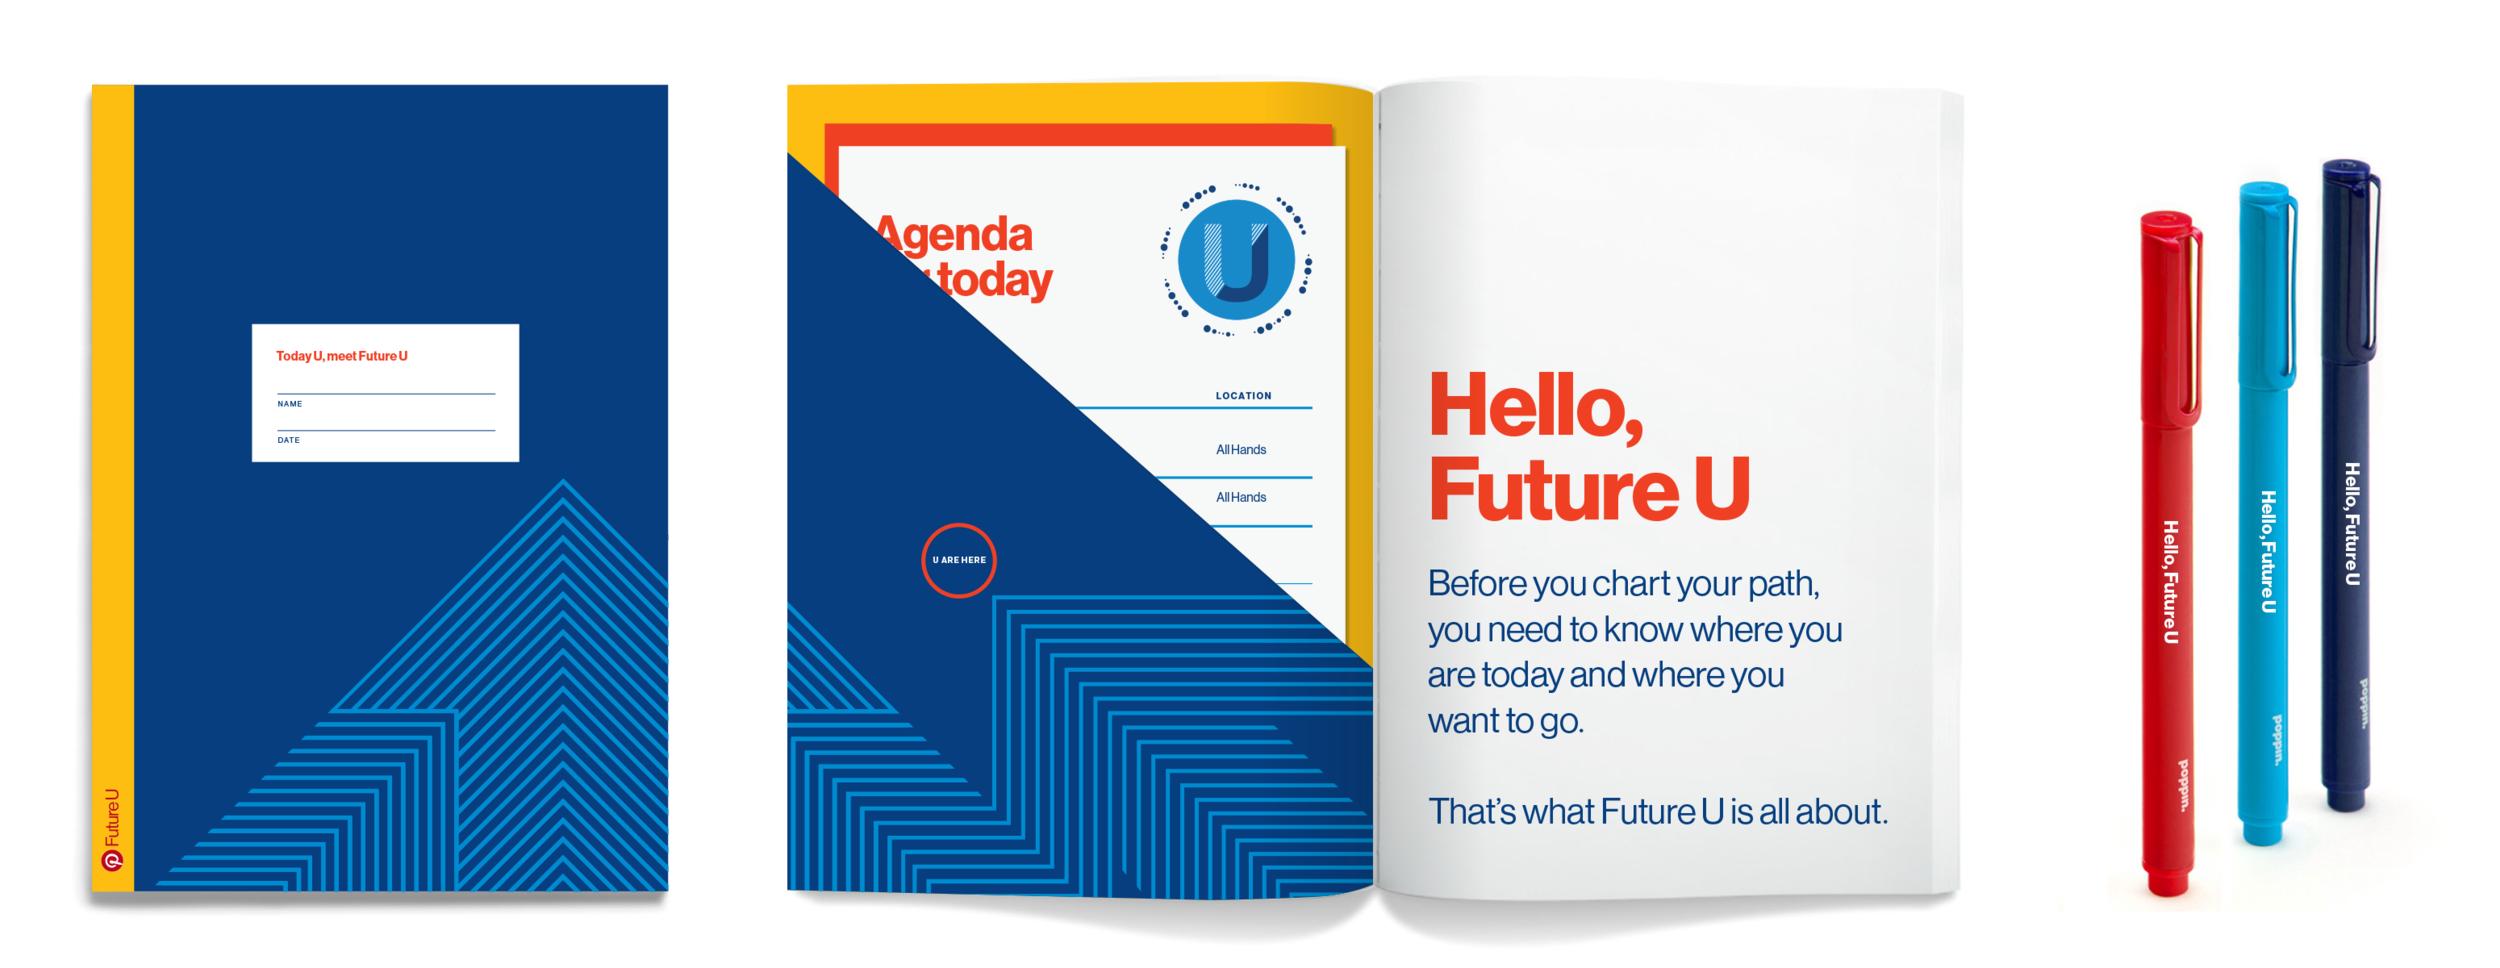 PIN_FutureU_notebook_1.png